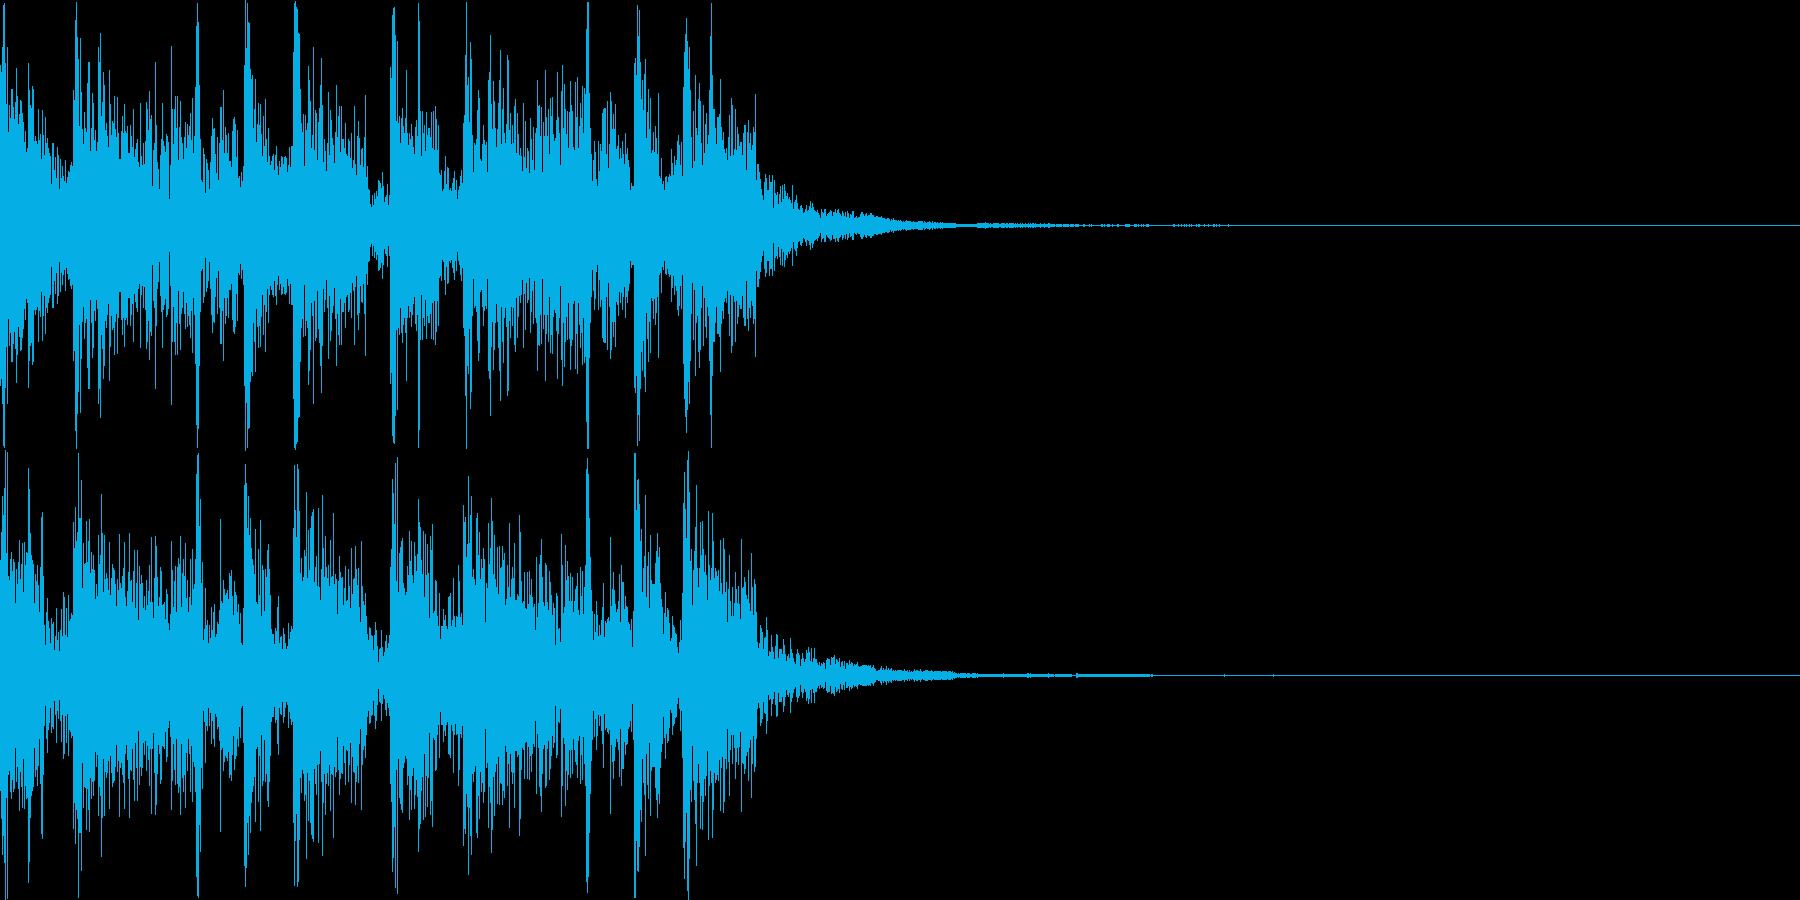 壮大なダブステップEDMジングルの再生済みの波形